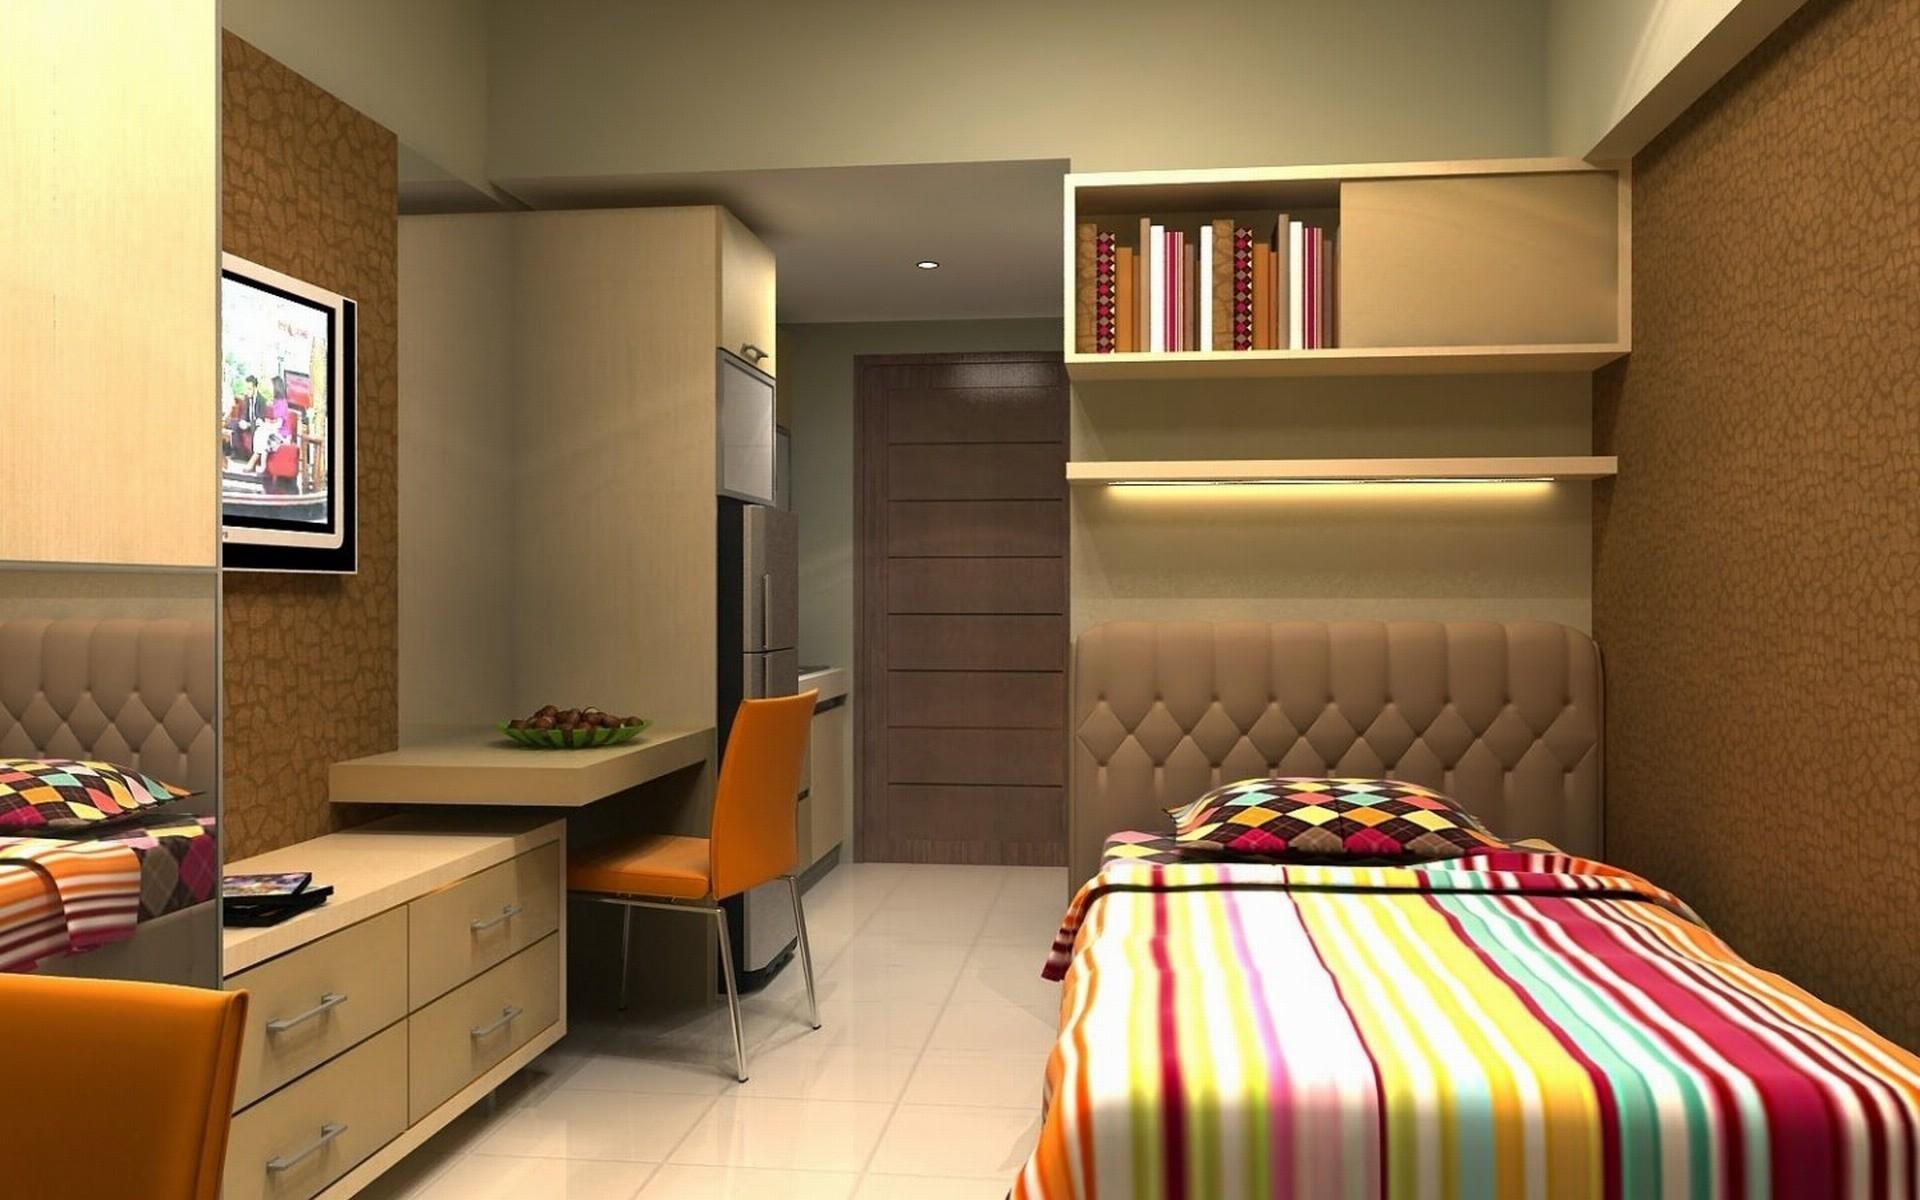 Office Interior Designers and Decorators in Mumbai